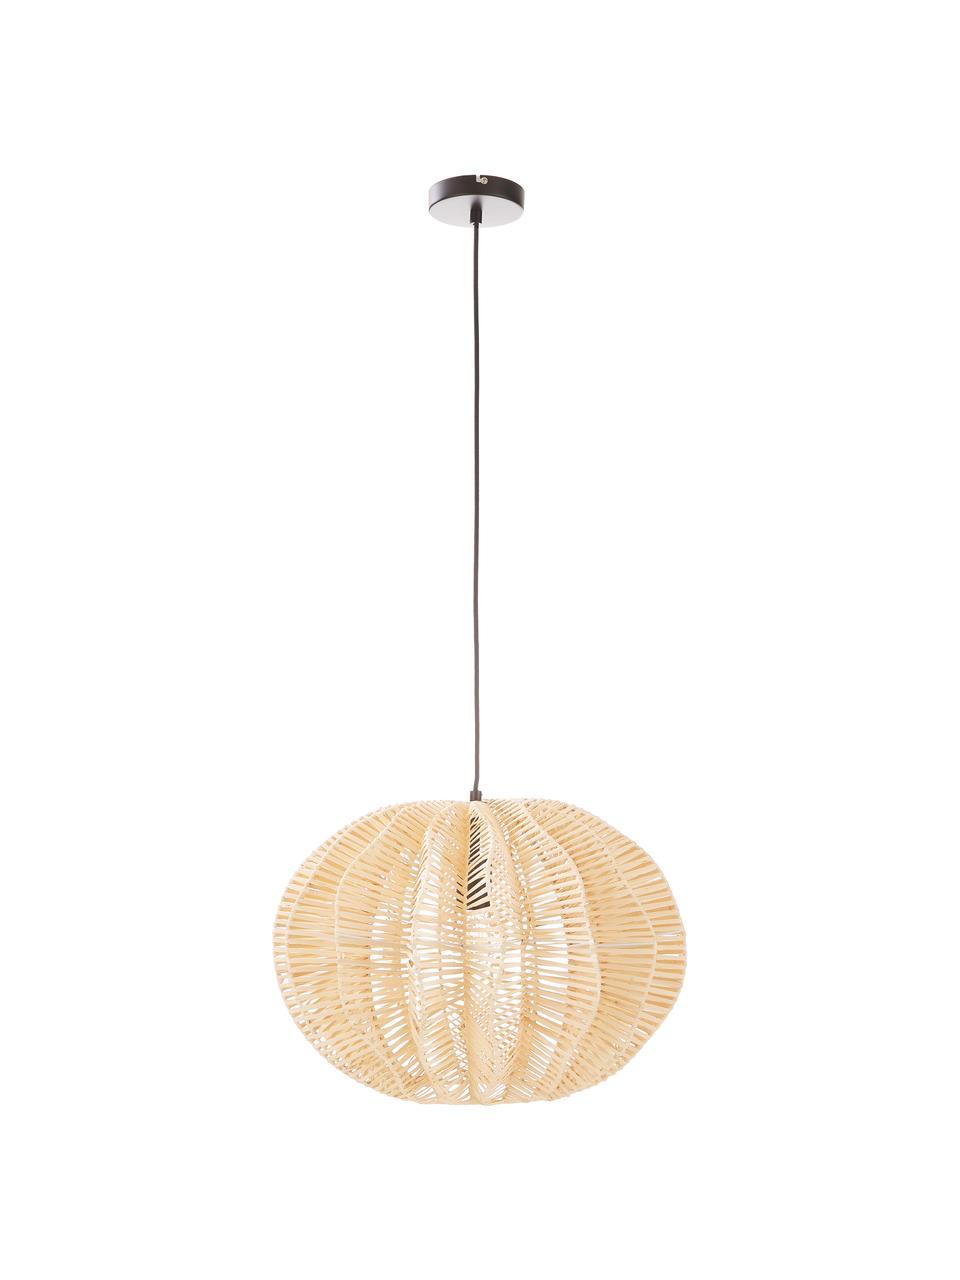 Hanglamp Ufe van rotan, Lampenkap: rotan, Baldakijn: gepoedercoat metaal, Beige, Ø 50 x H 38 cm